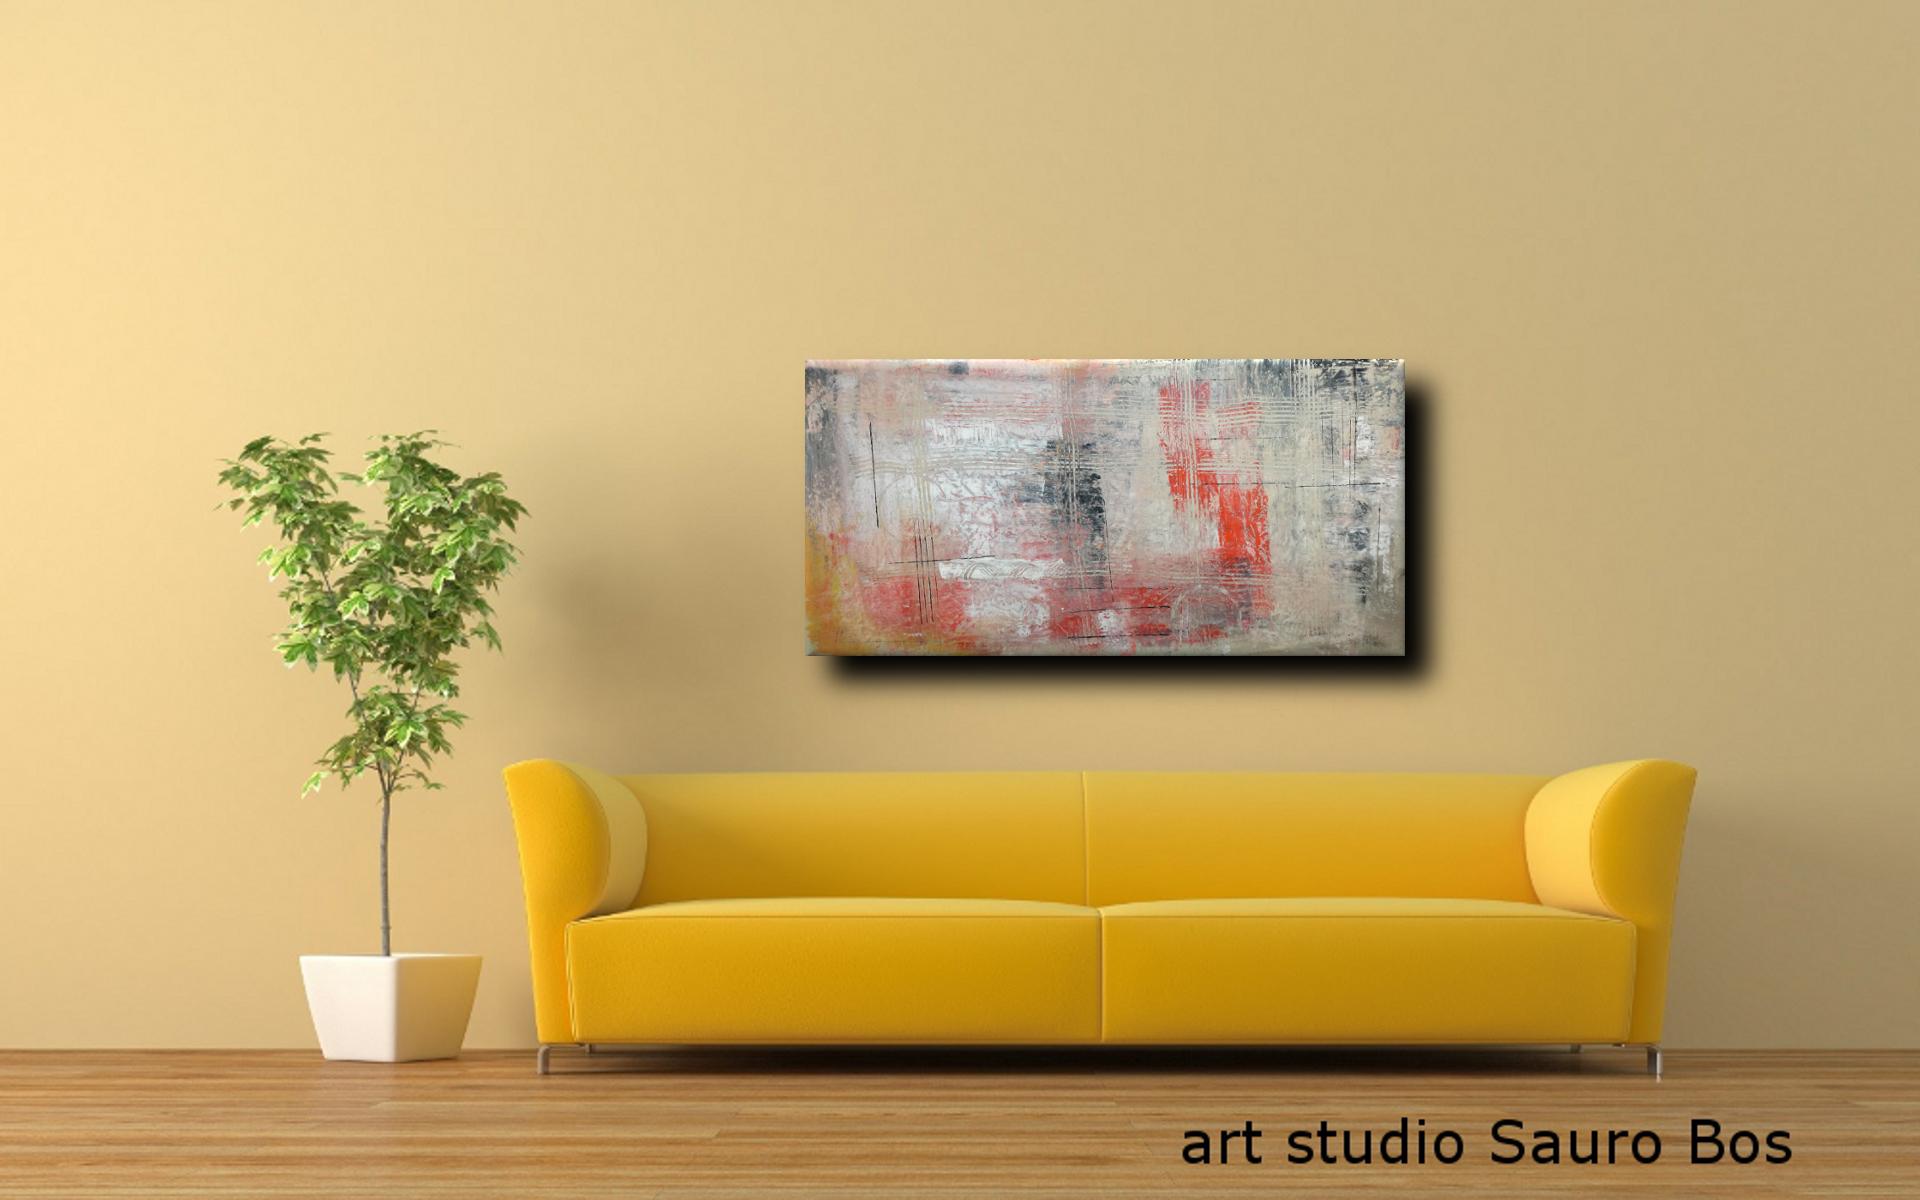 astratto C036 divgiallo - quadri moderni ad olio colorati su tela grandi dimensioni 120x60x4